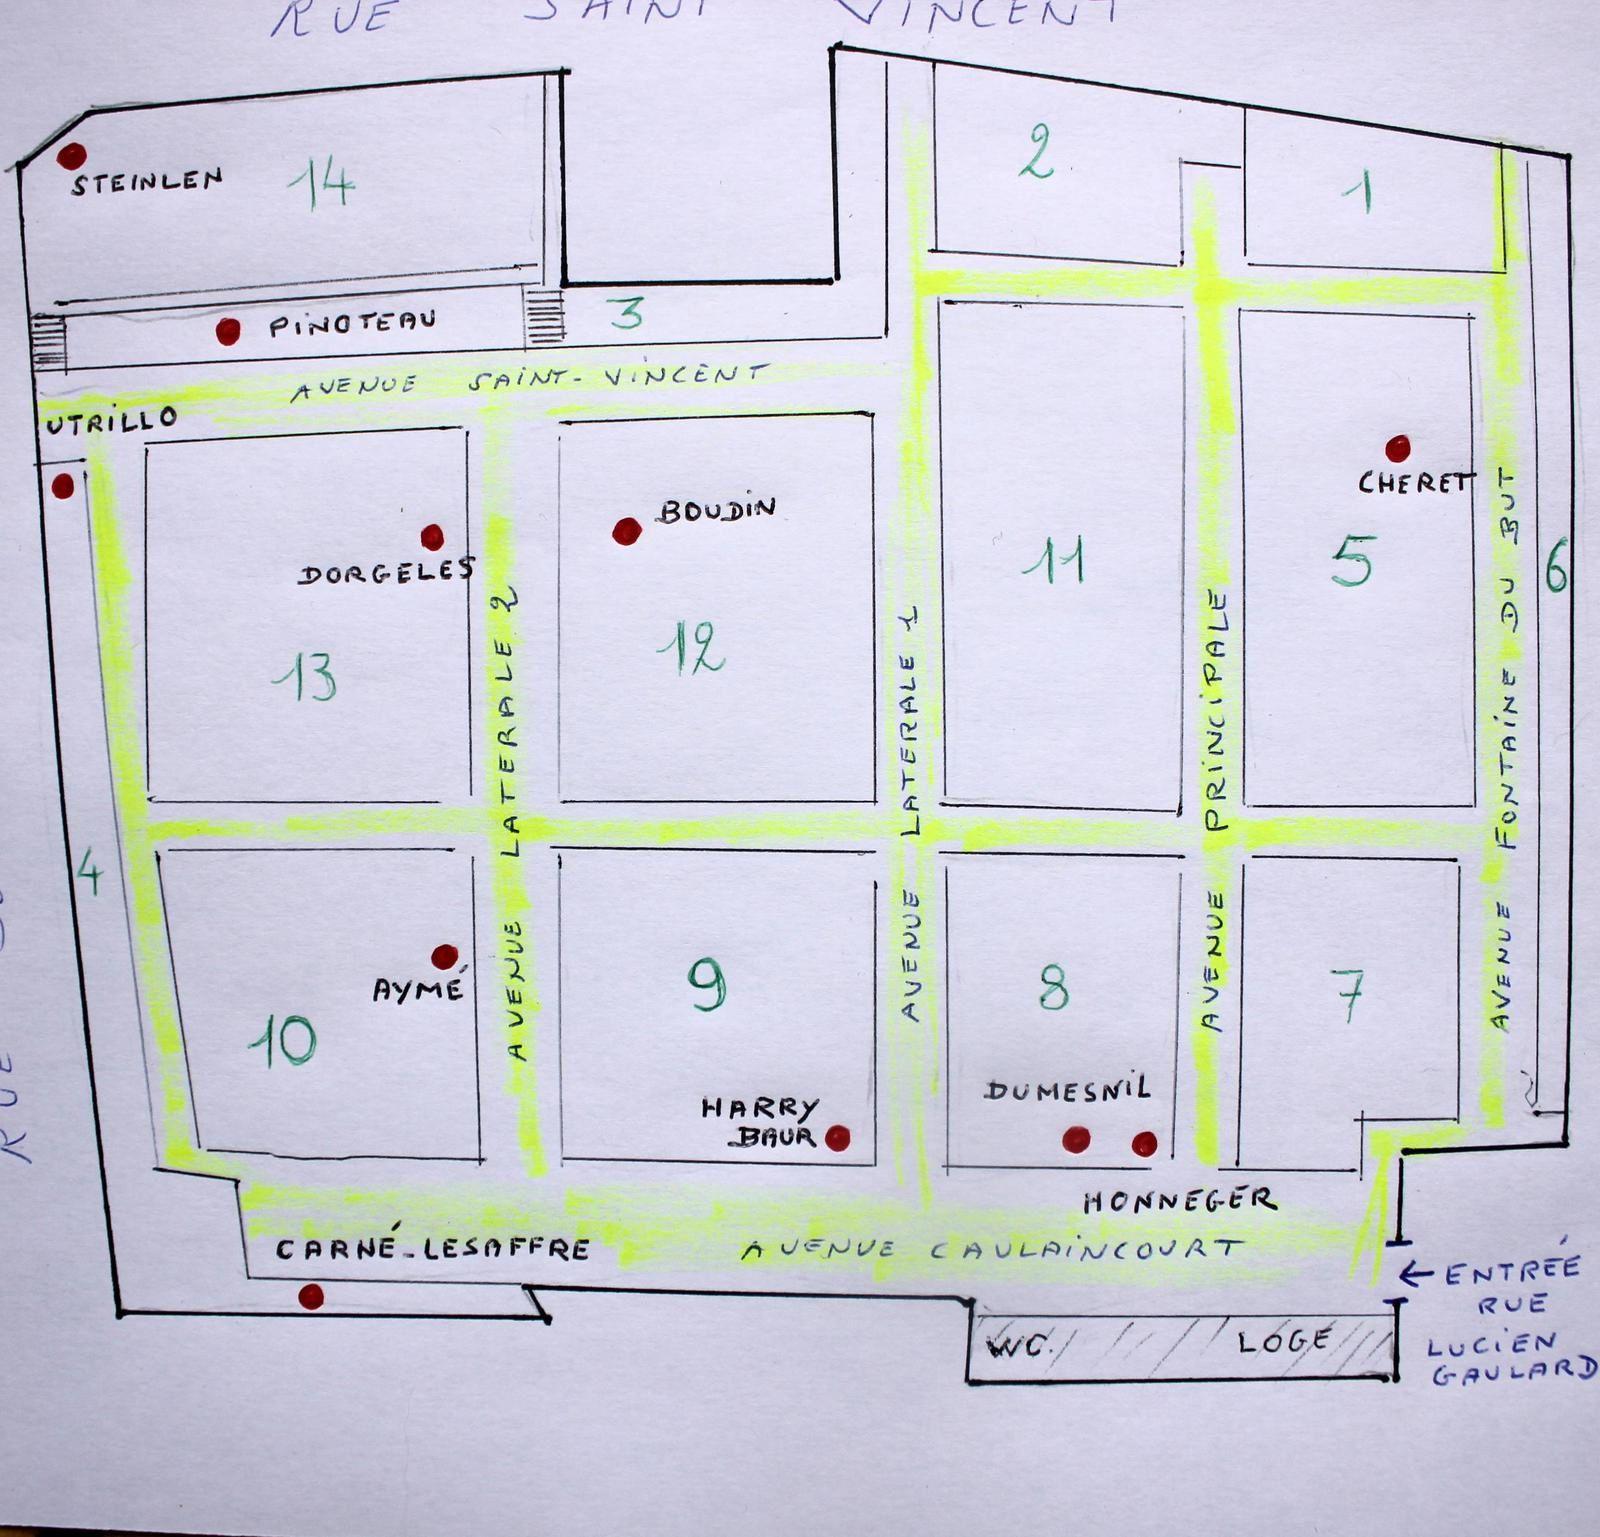 Plan des tombes citées dans l'article.